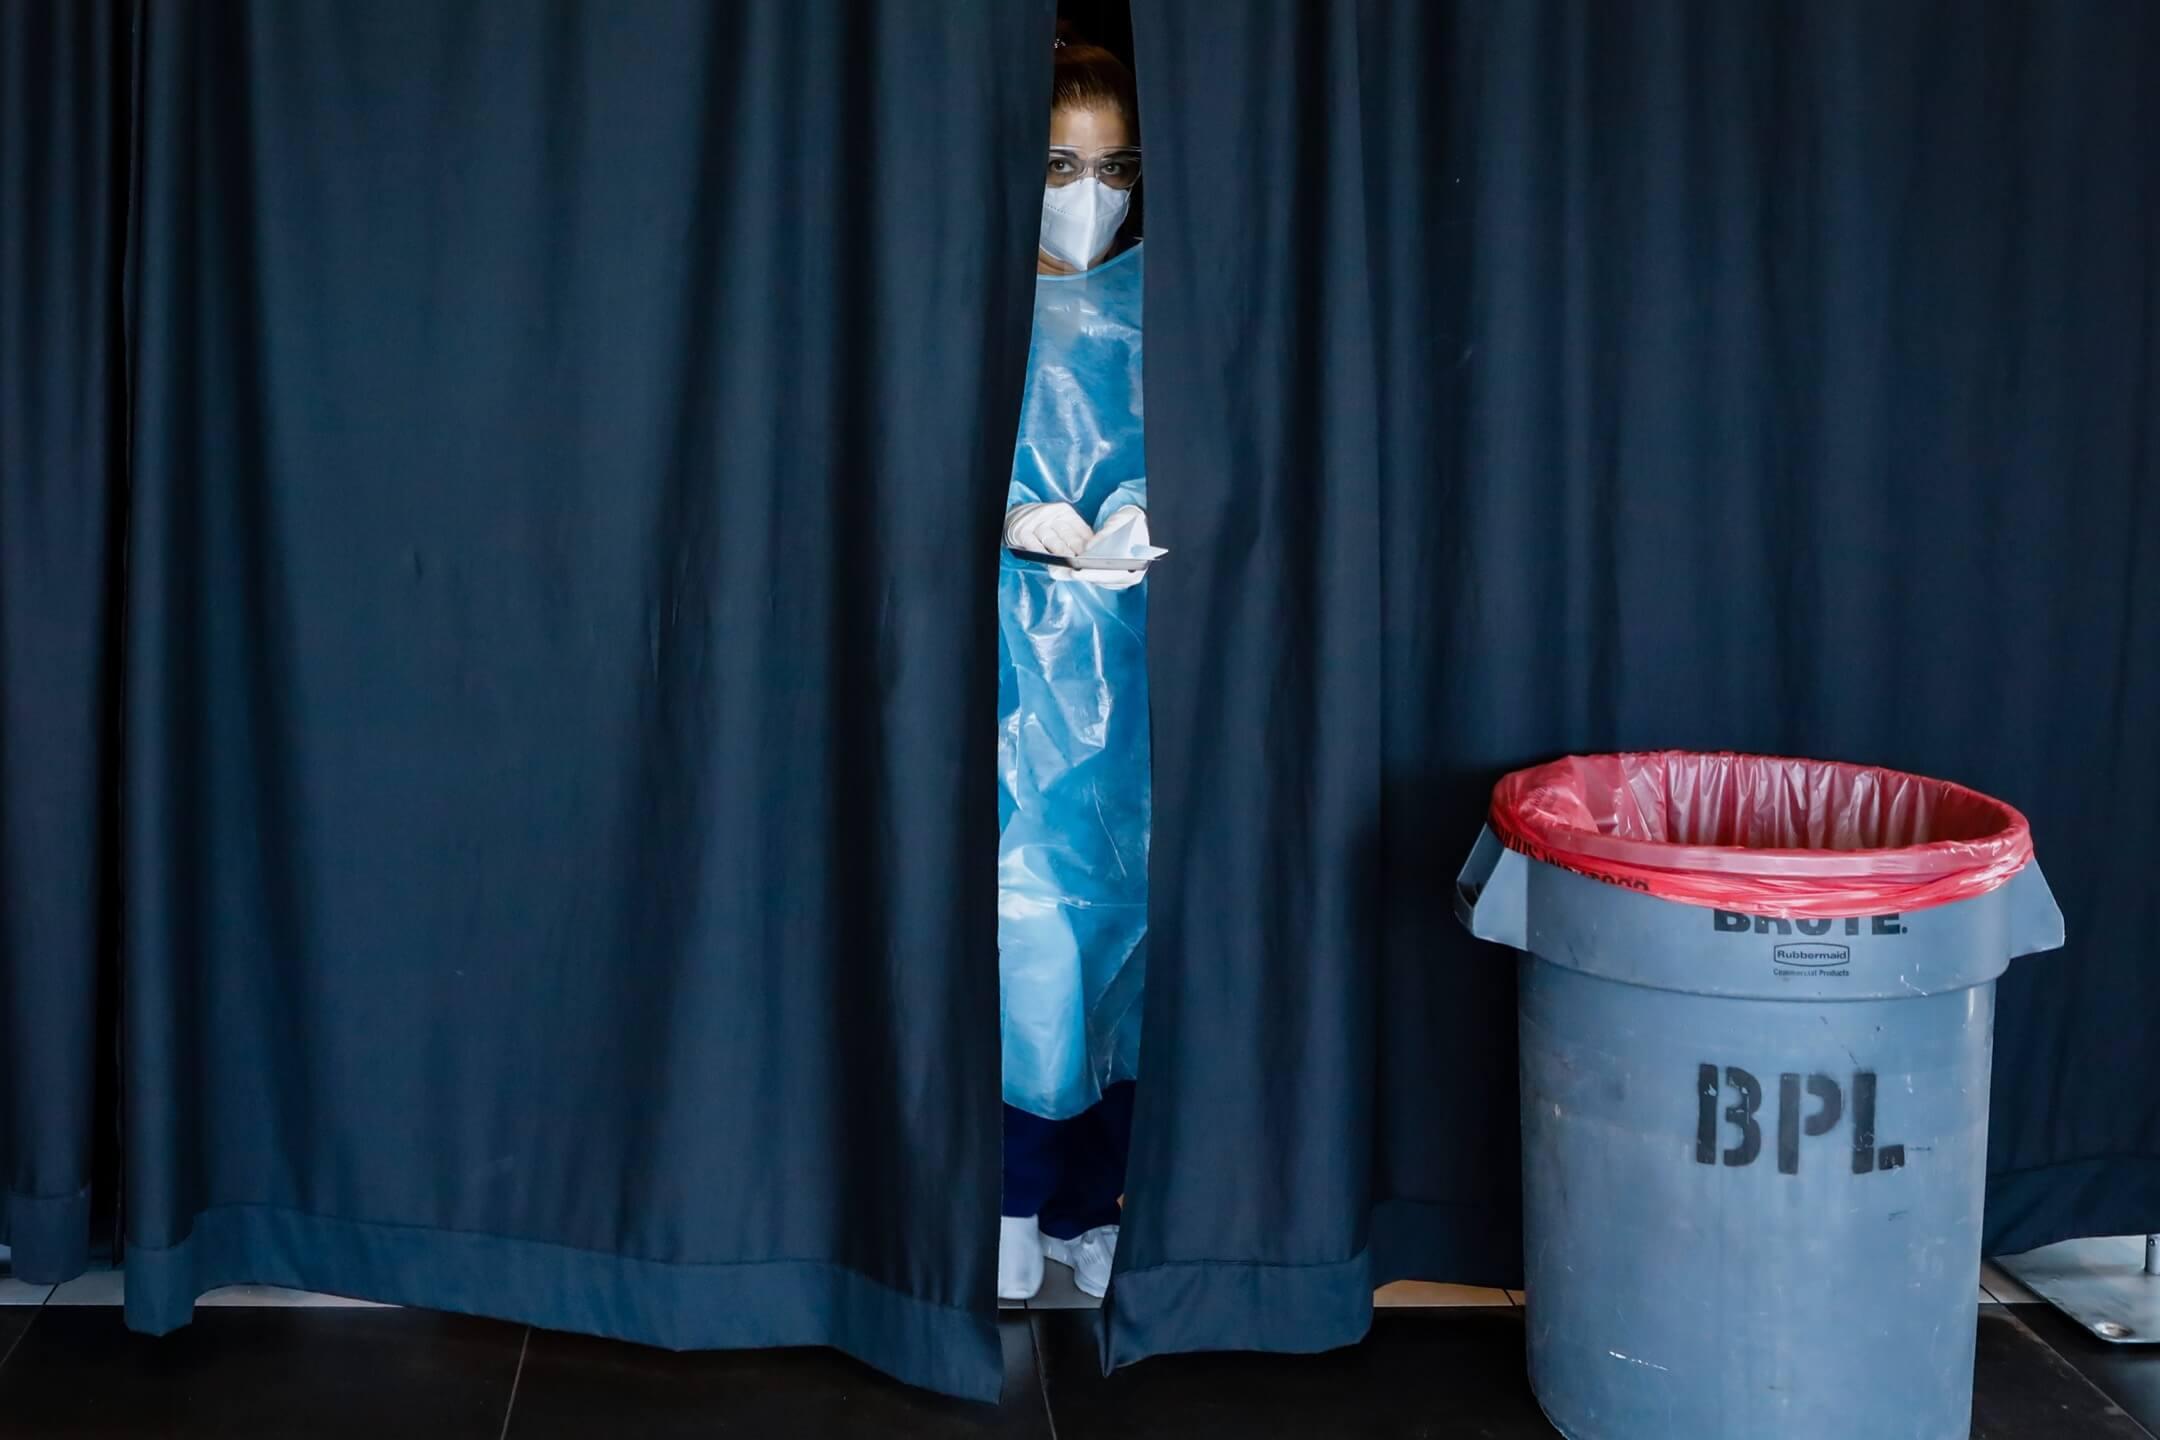 2021年8月5日,美國弗羅里達州邁亞密市,一名醫護人員準備為市民接種2019冠狀病毒疫苗。 攝:Eva Marie Uzcategui/Bloomberg via Getty Images